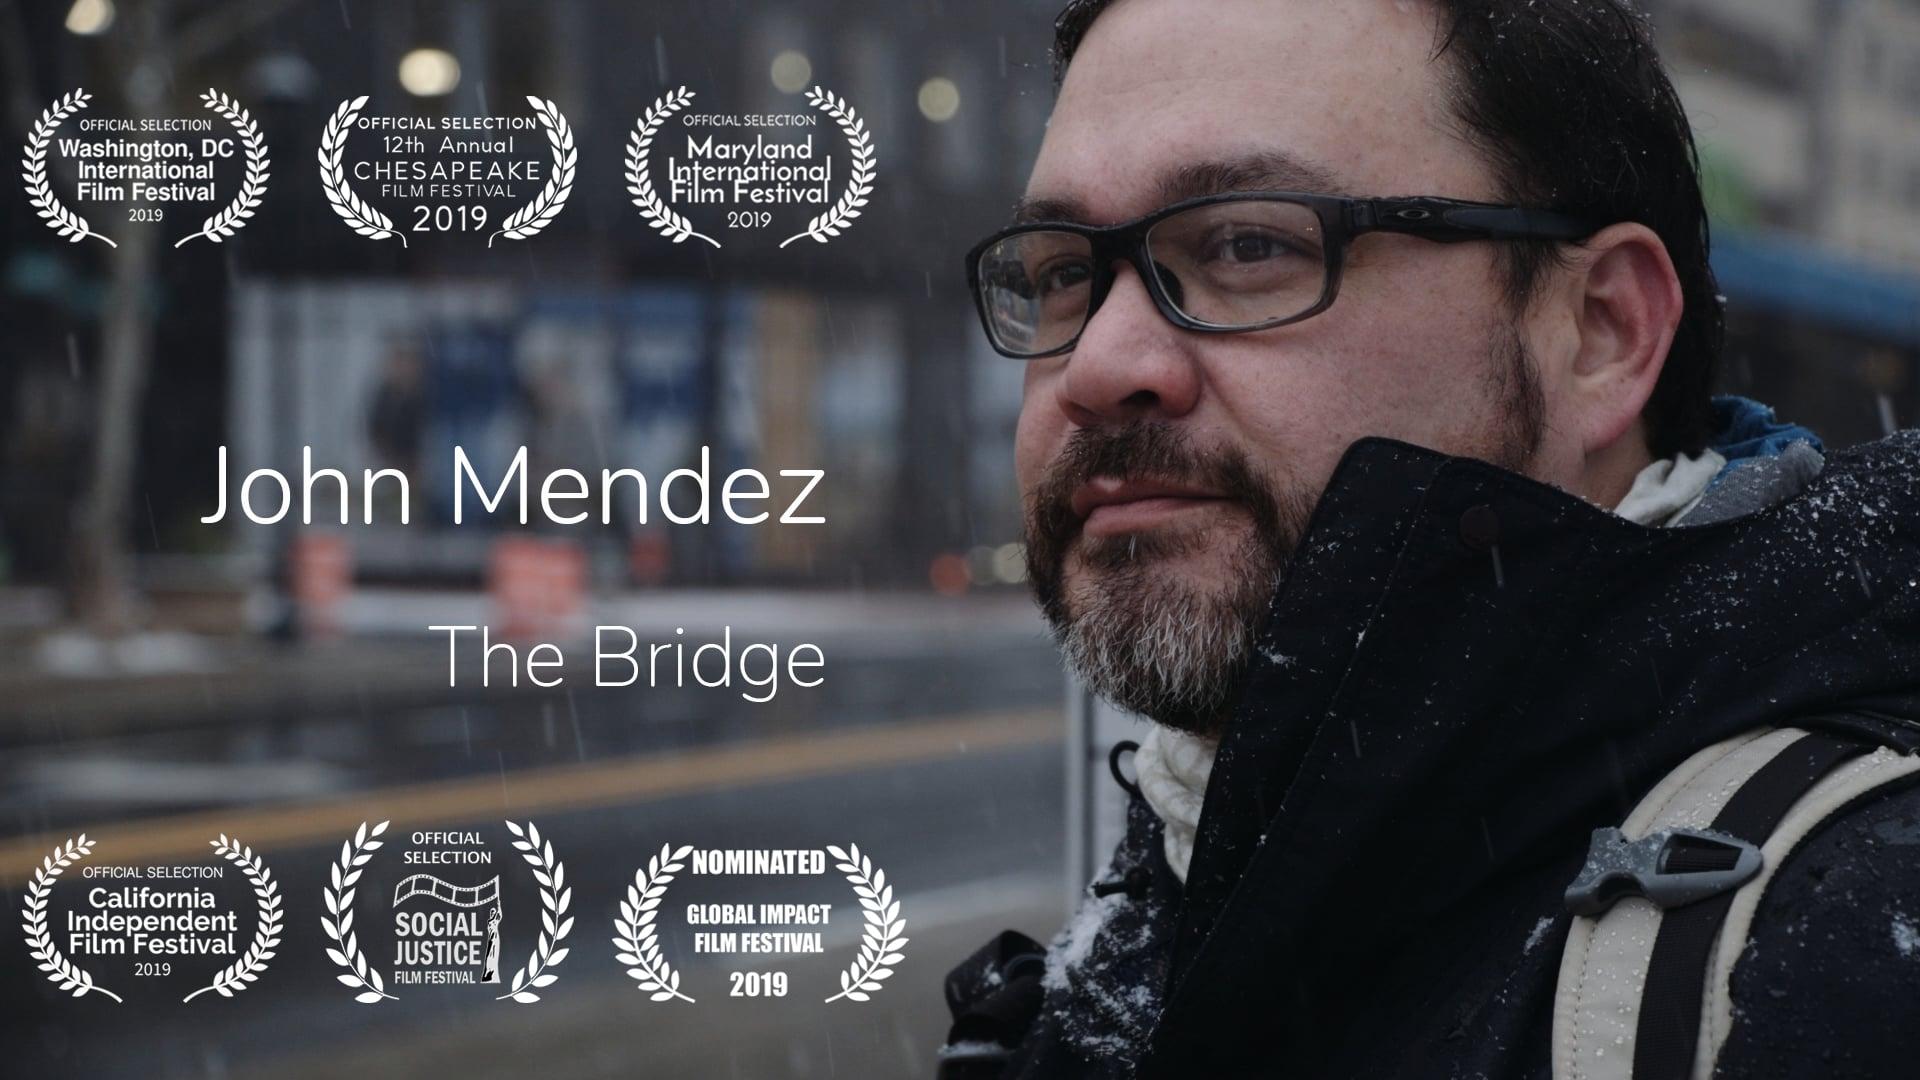 John Mendez - The Bridge